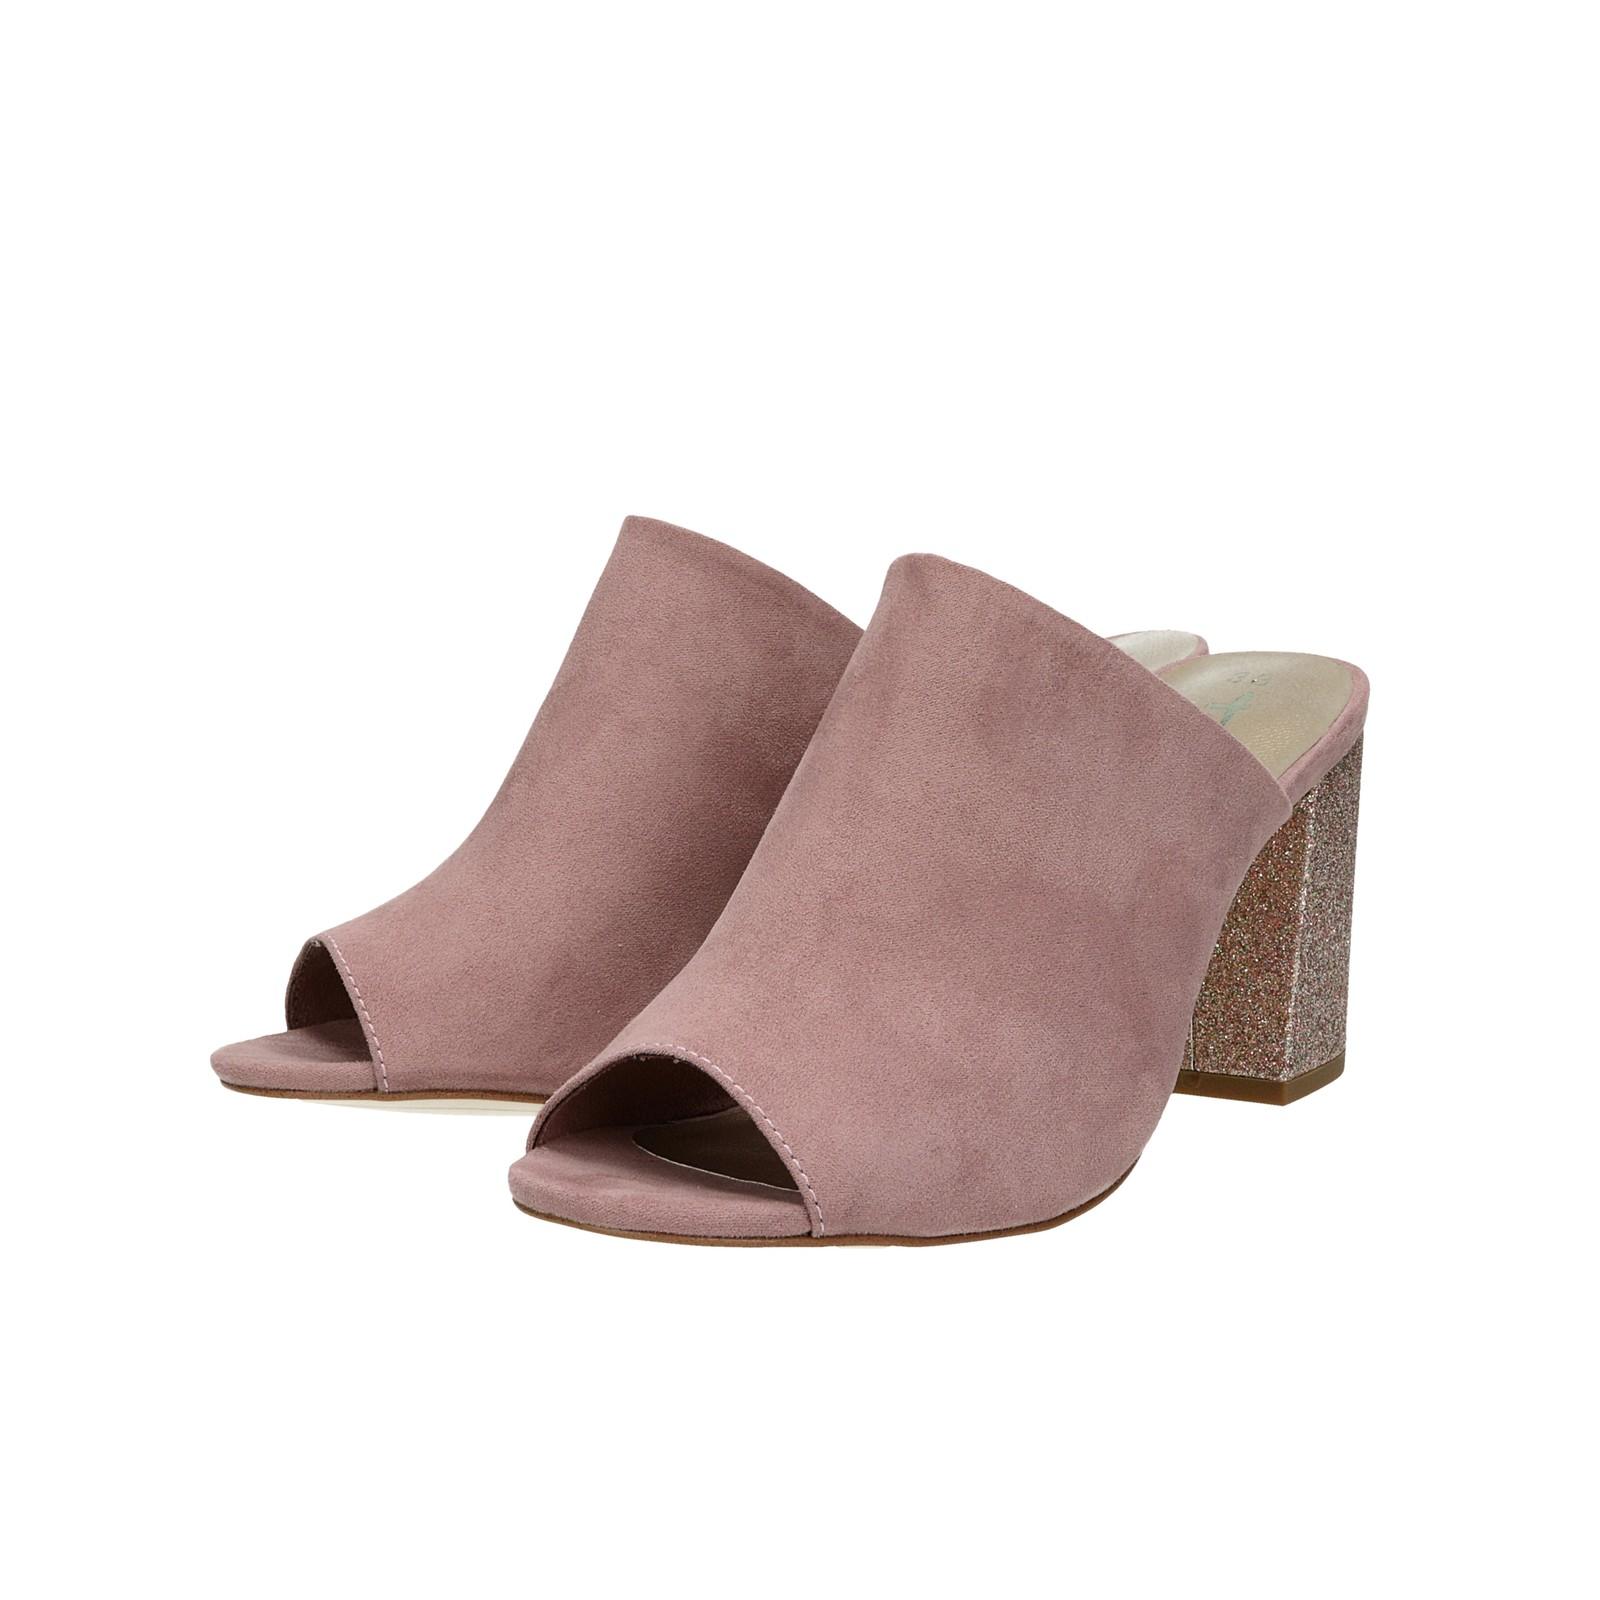 99625f1aa9 Tamaris dámske štýlové šľapky na vysokom podpätku - ružové ...